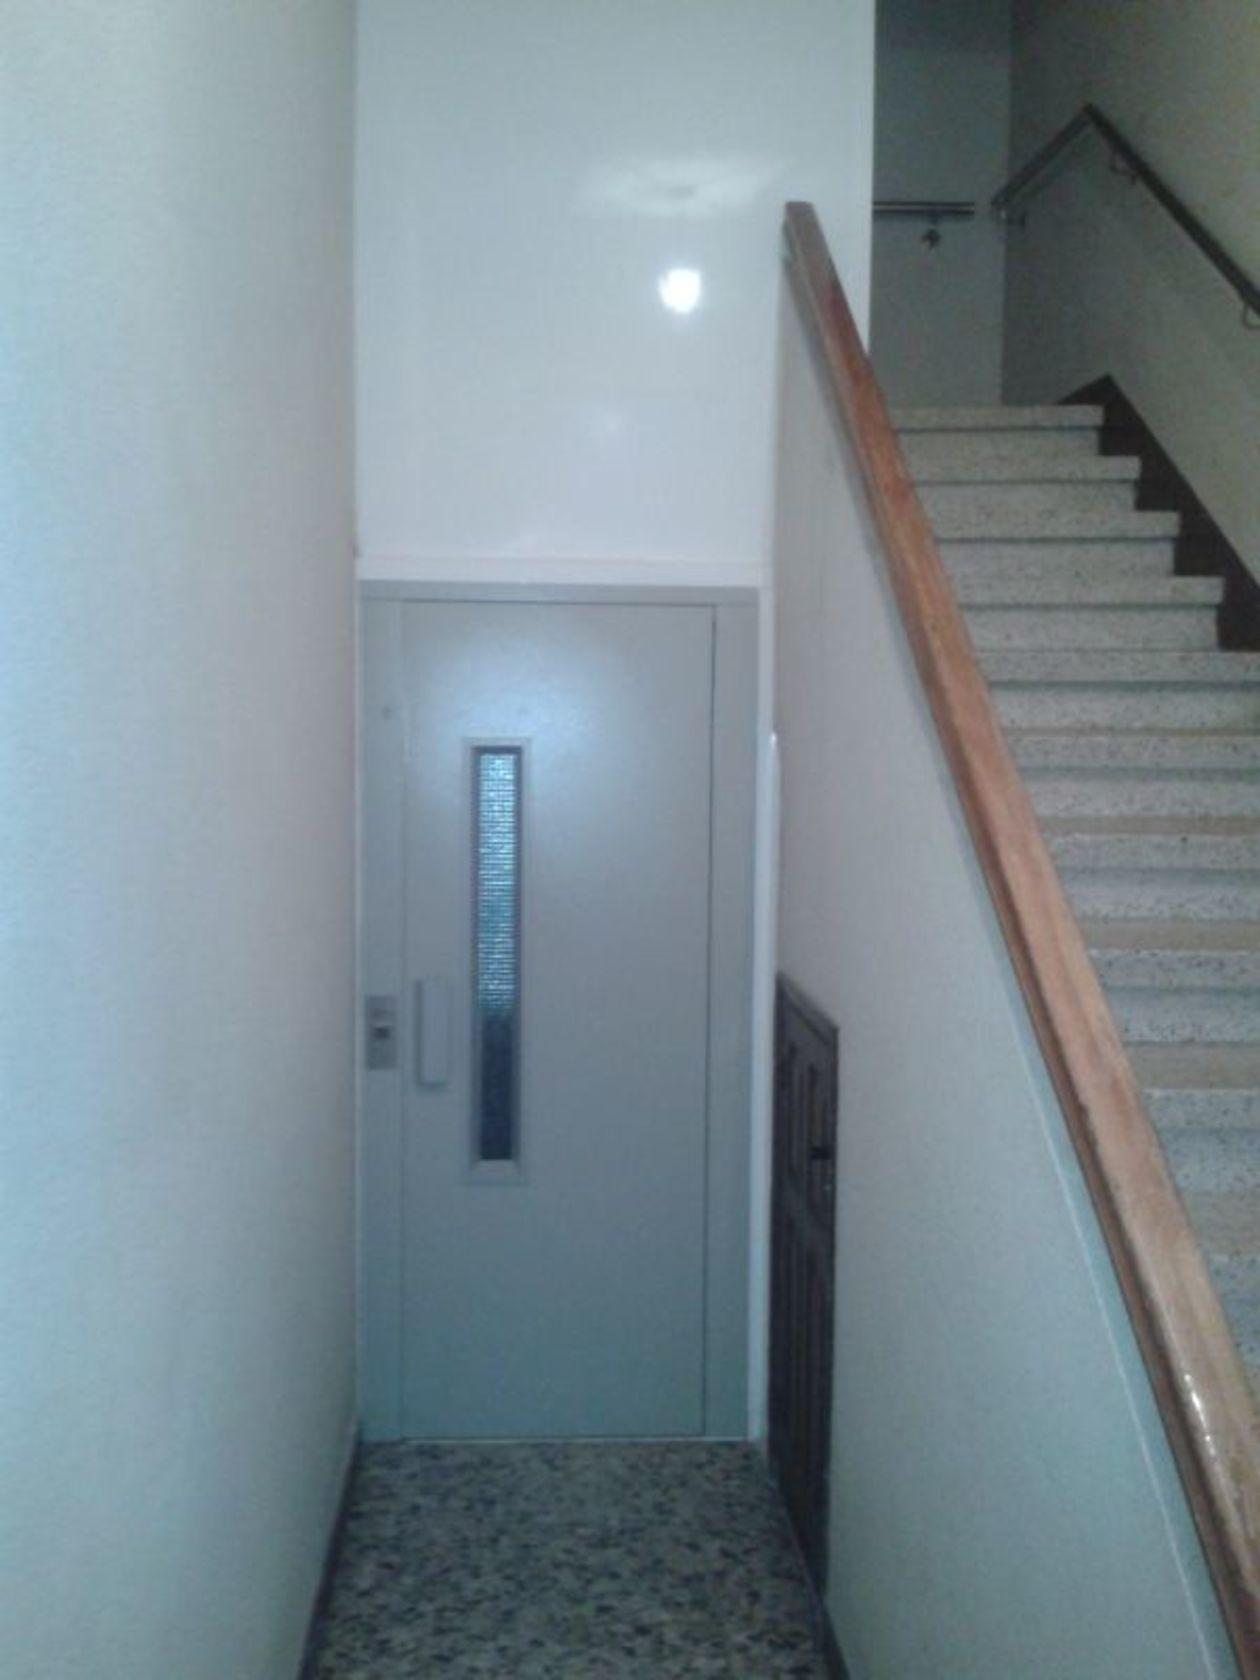 Un innovador ascensor con tecnología Gearless, para edificios que carecen de ascensor, y requieren huidas y fosos muy reducidos.